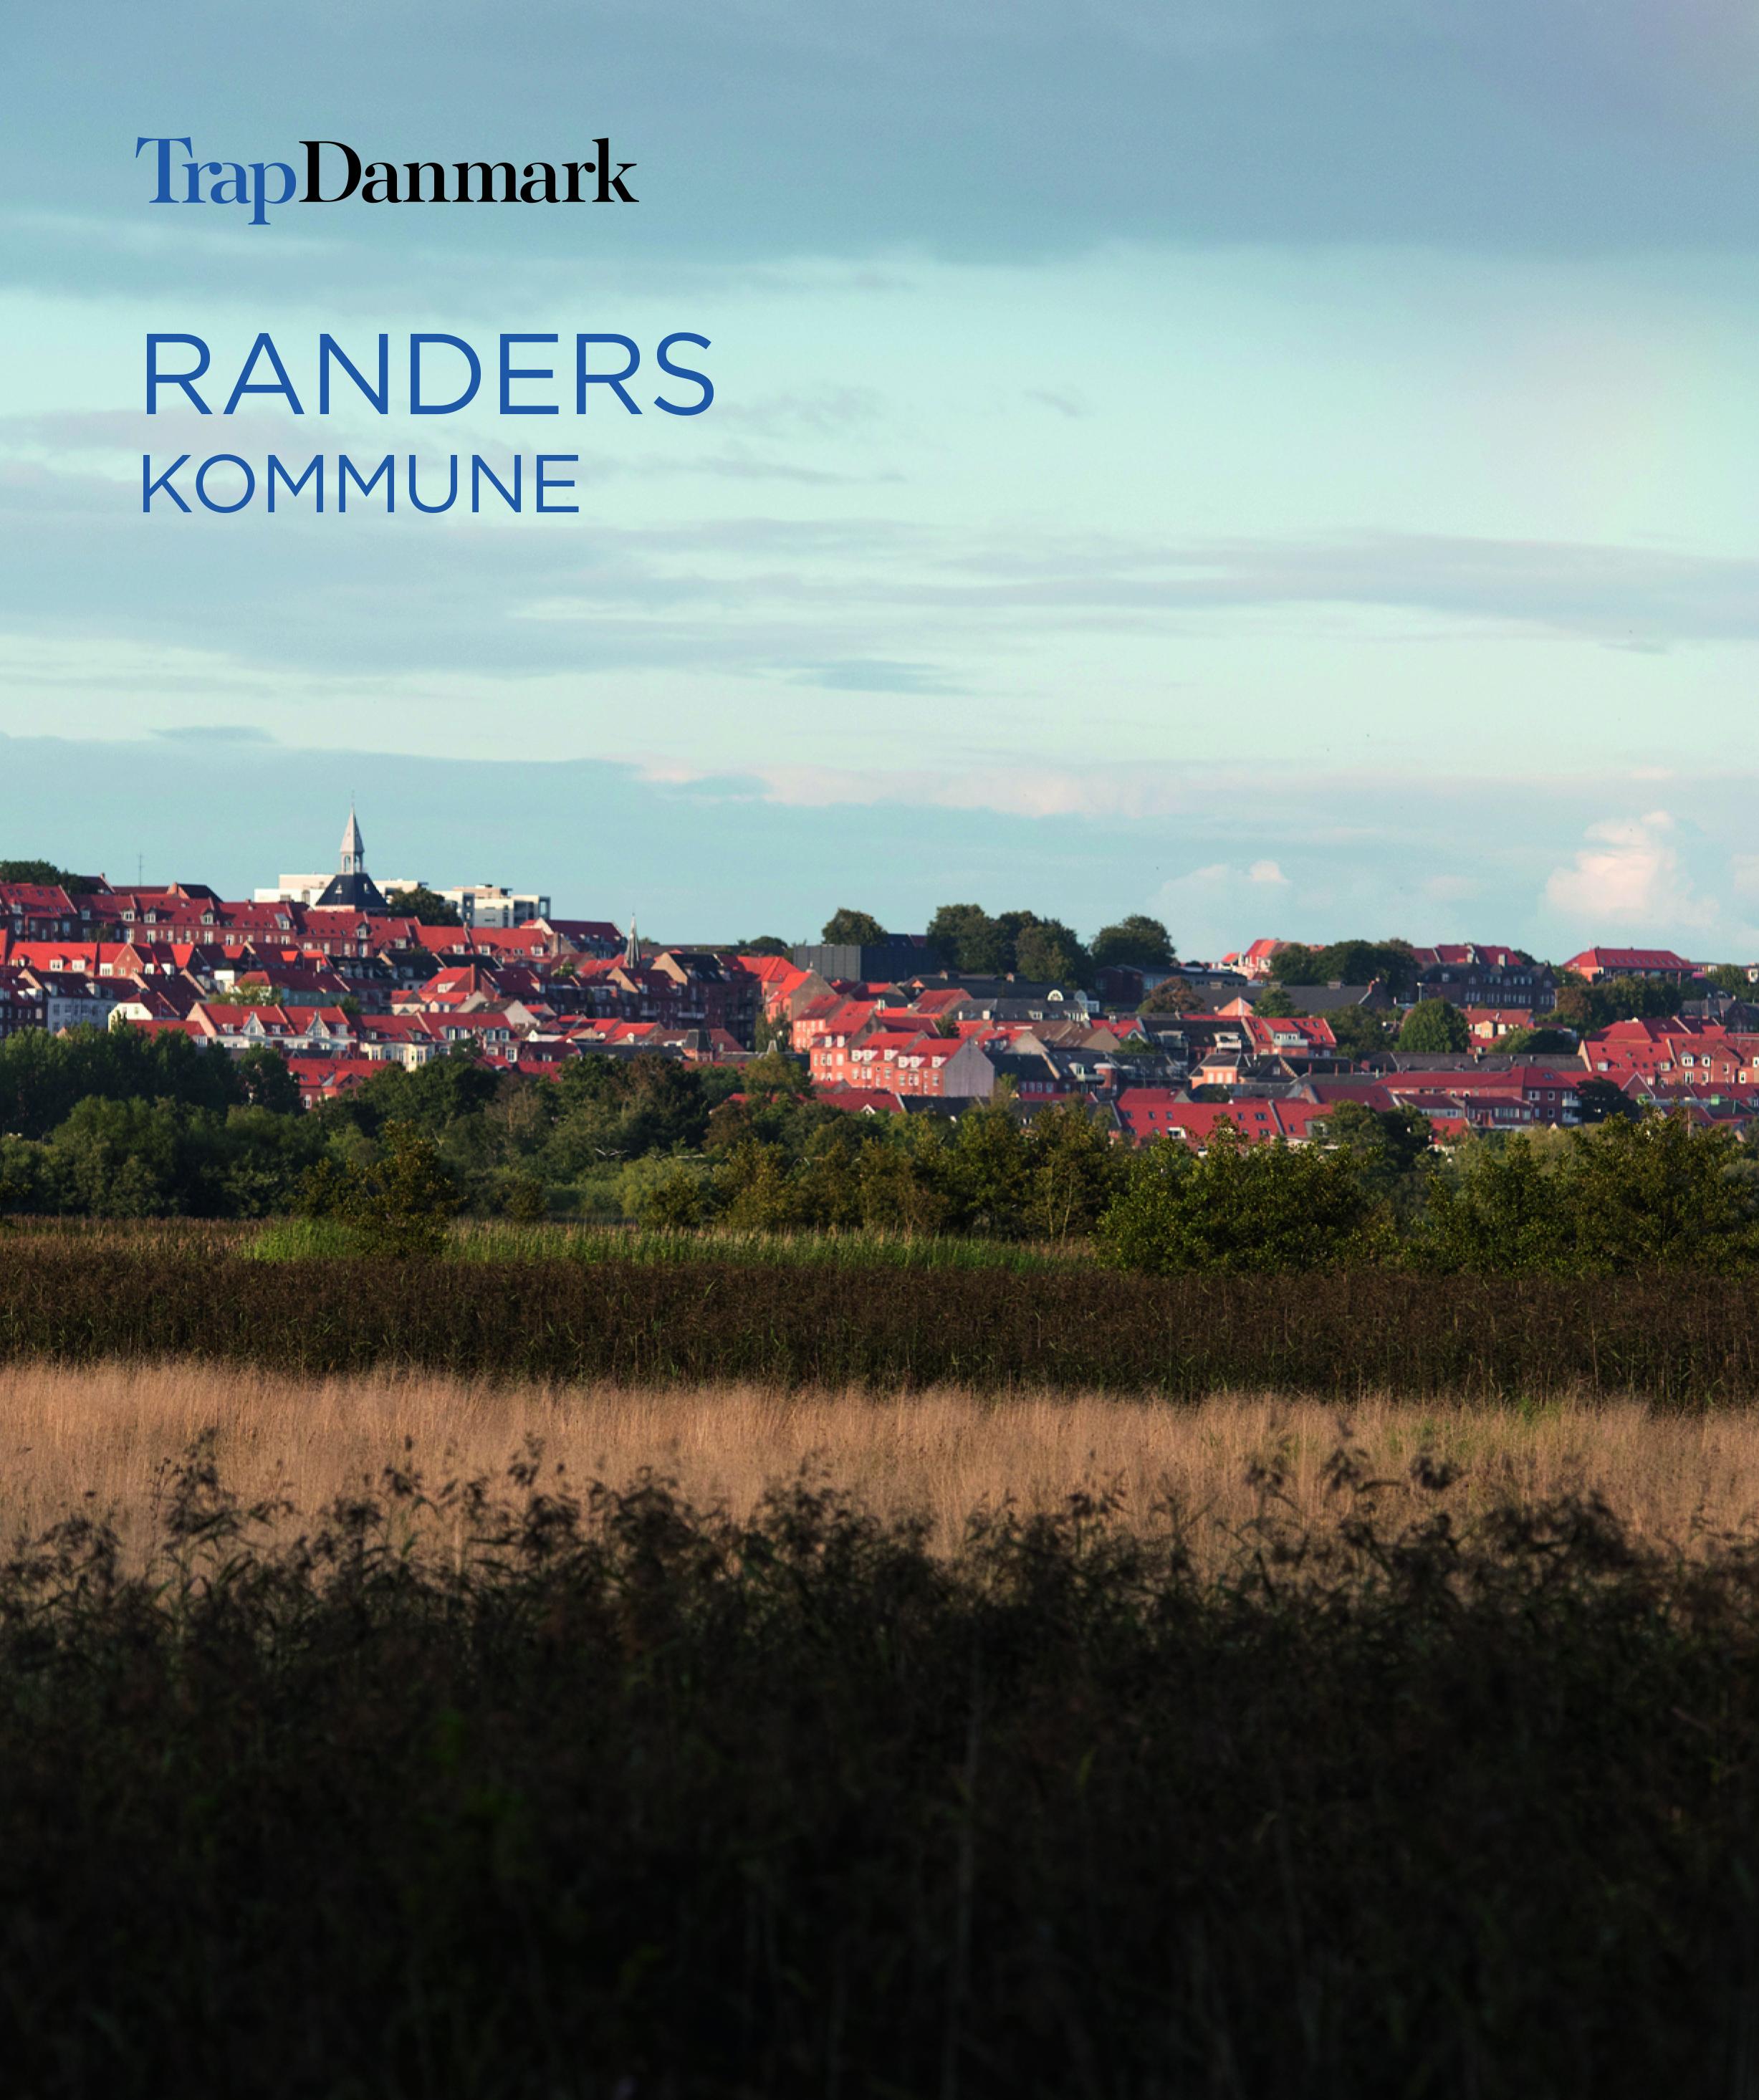 kort over randers kommune